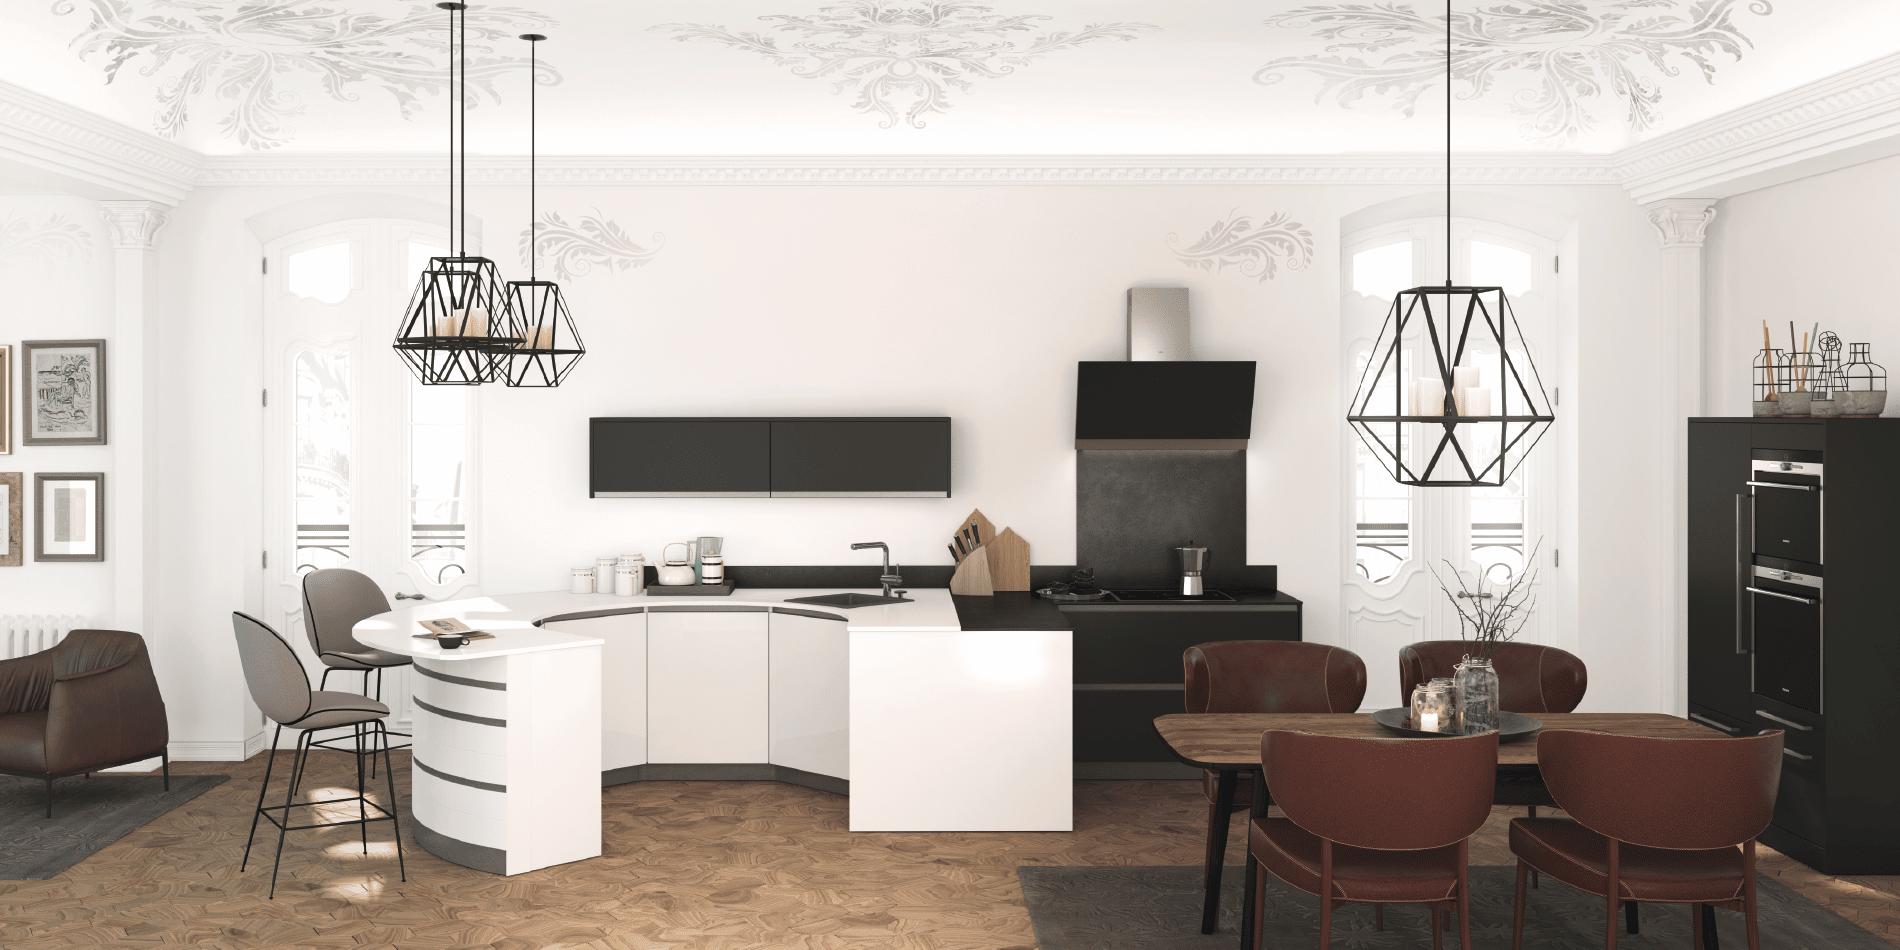 Cuisine design alicante zenit qualit haut de gamme moderne sur mesure - Fabricant cuisine haut de gamme ...